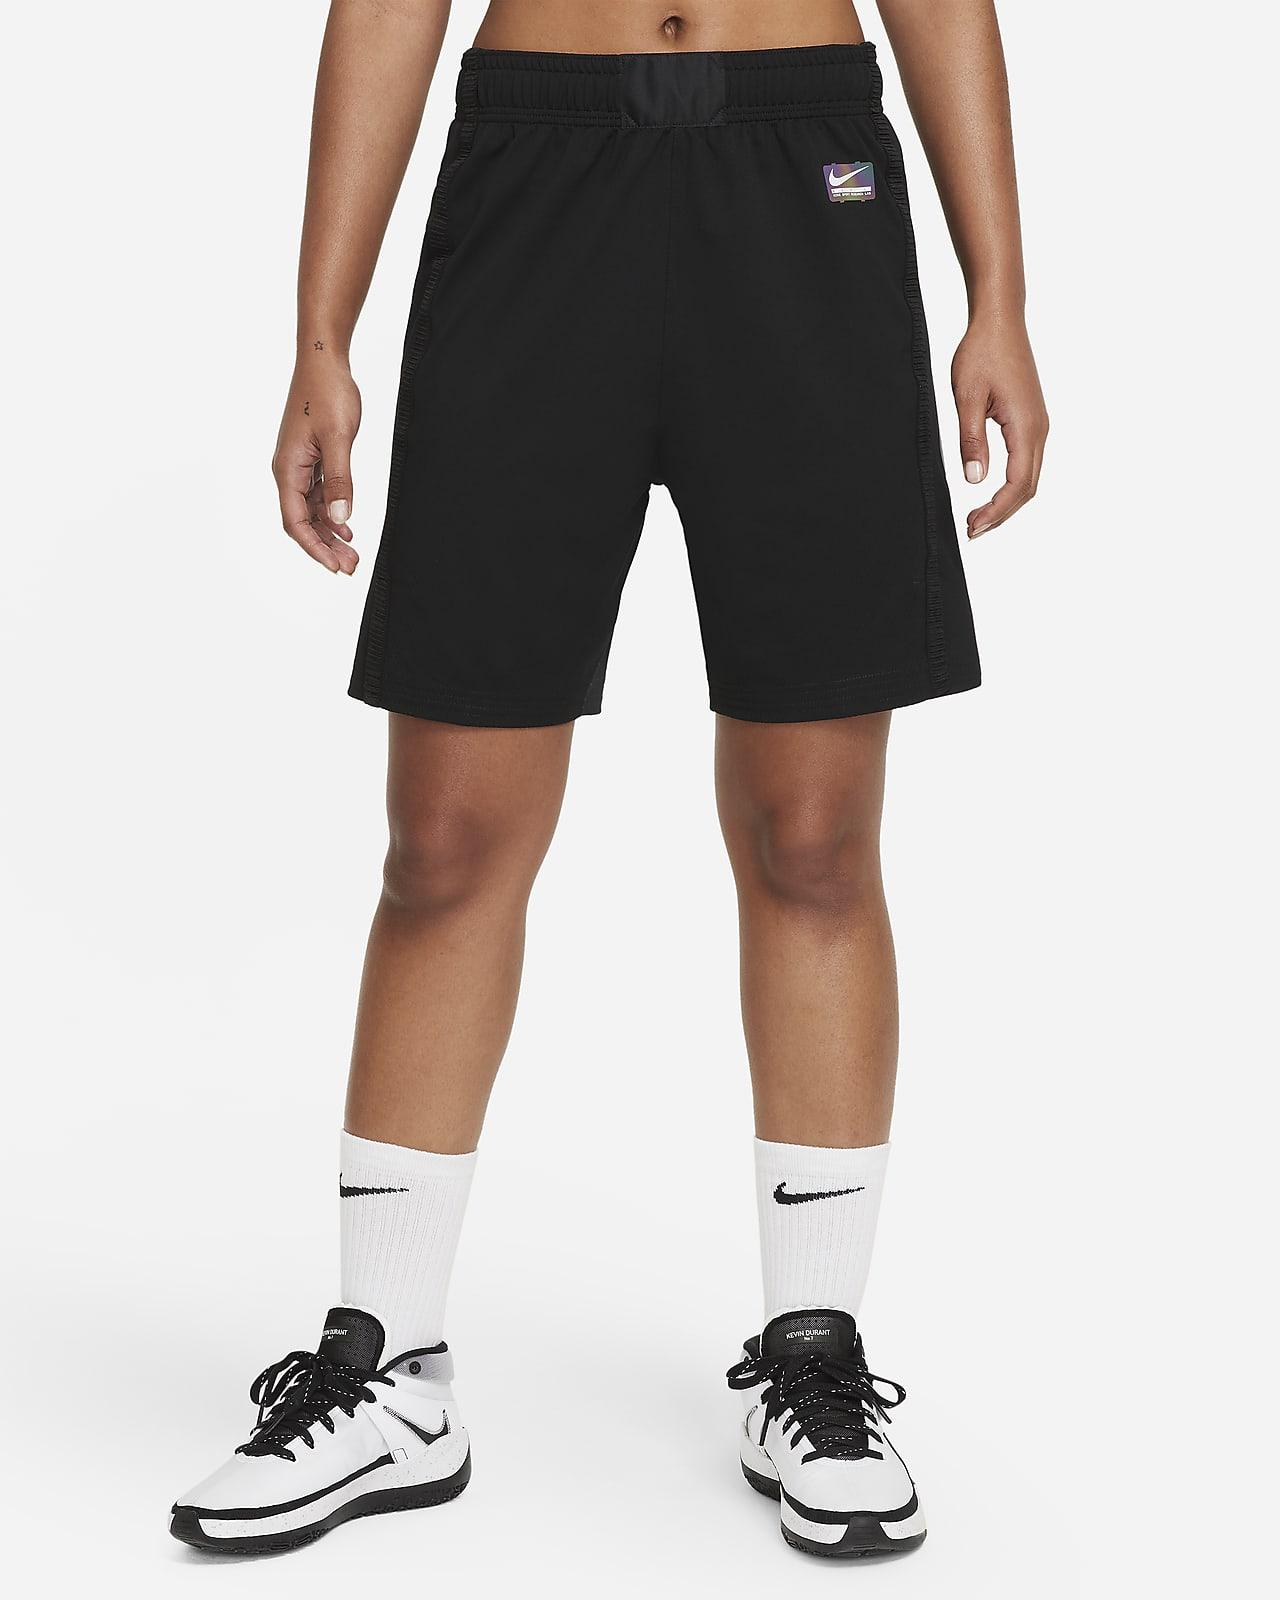 ナイキ NSRL ウィメンズ オーセンティック バスケットボールショートパンツ